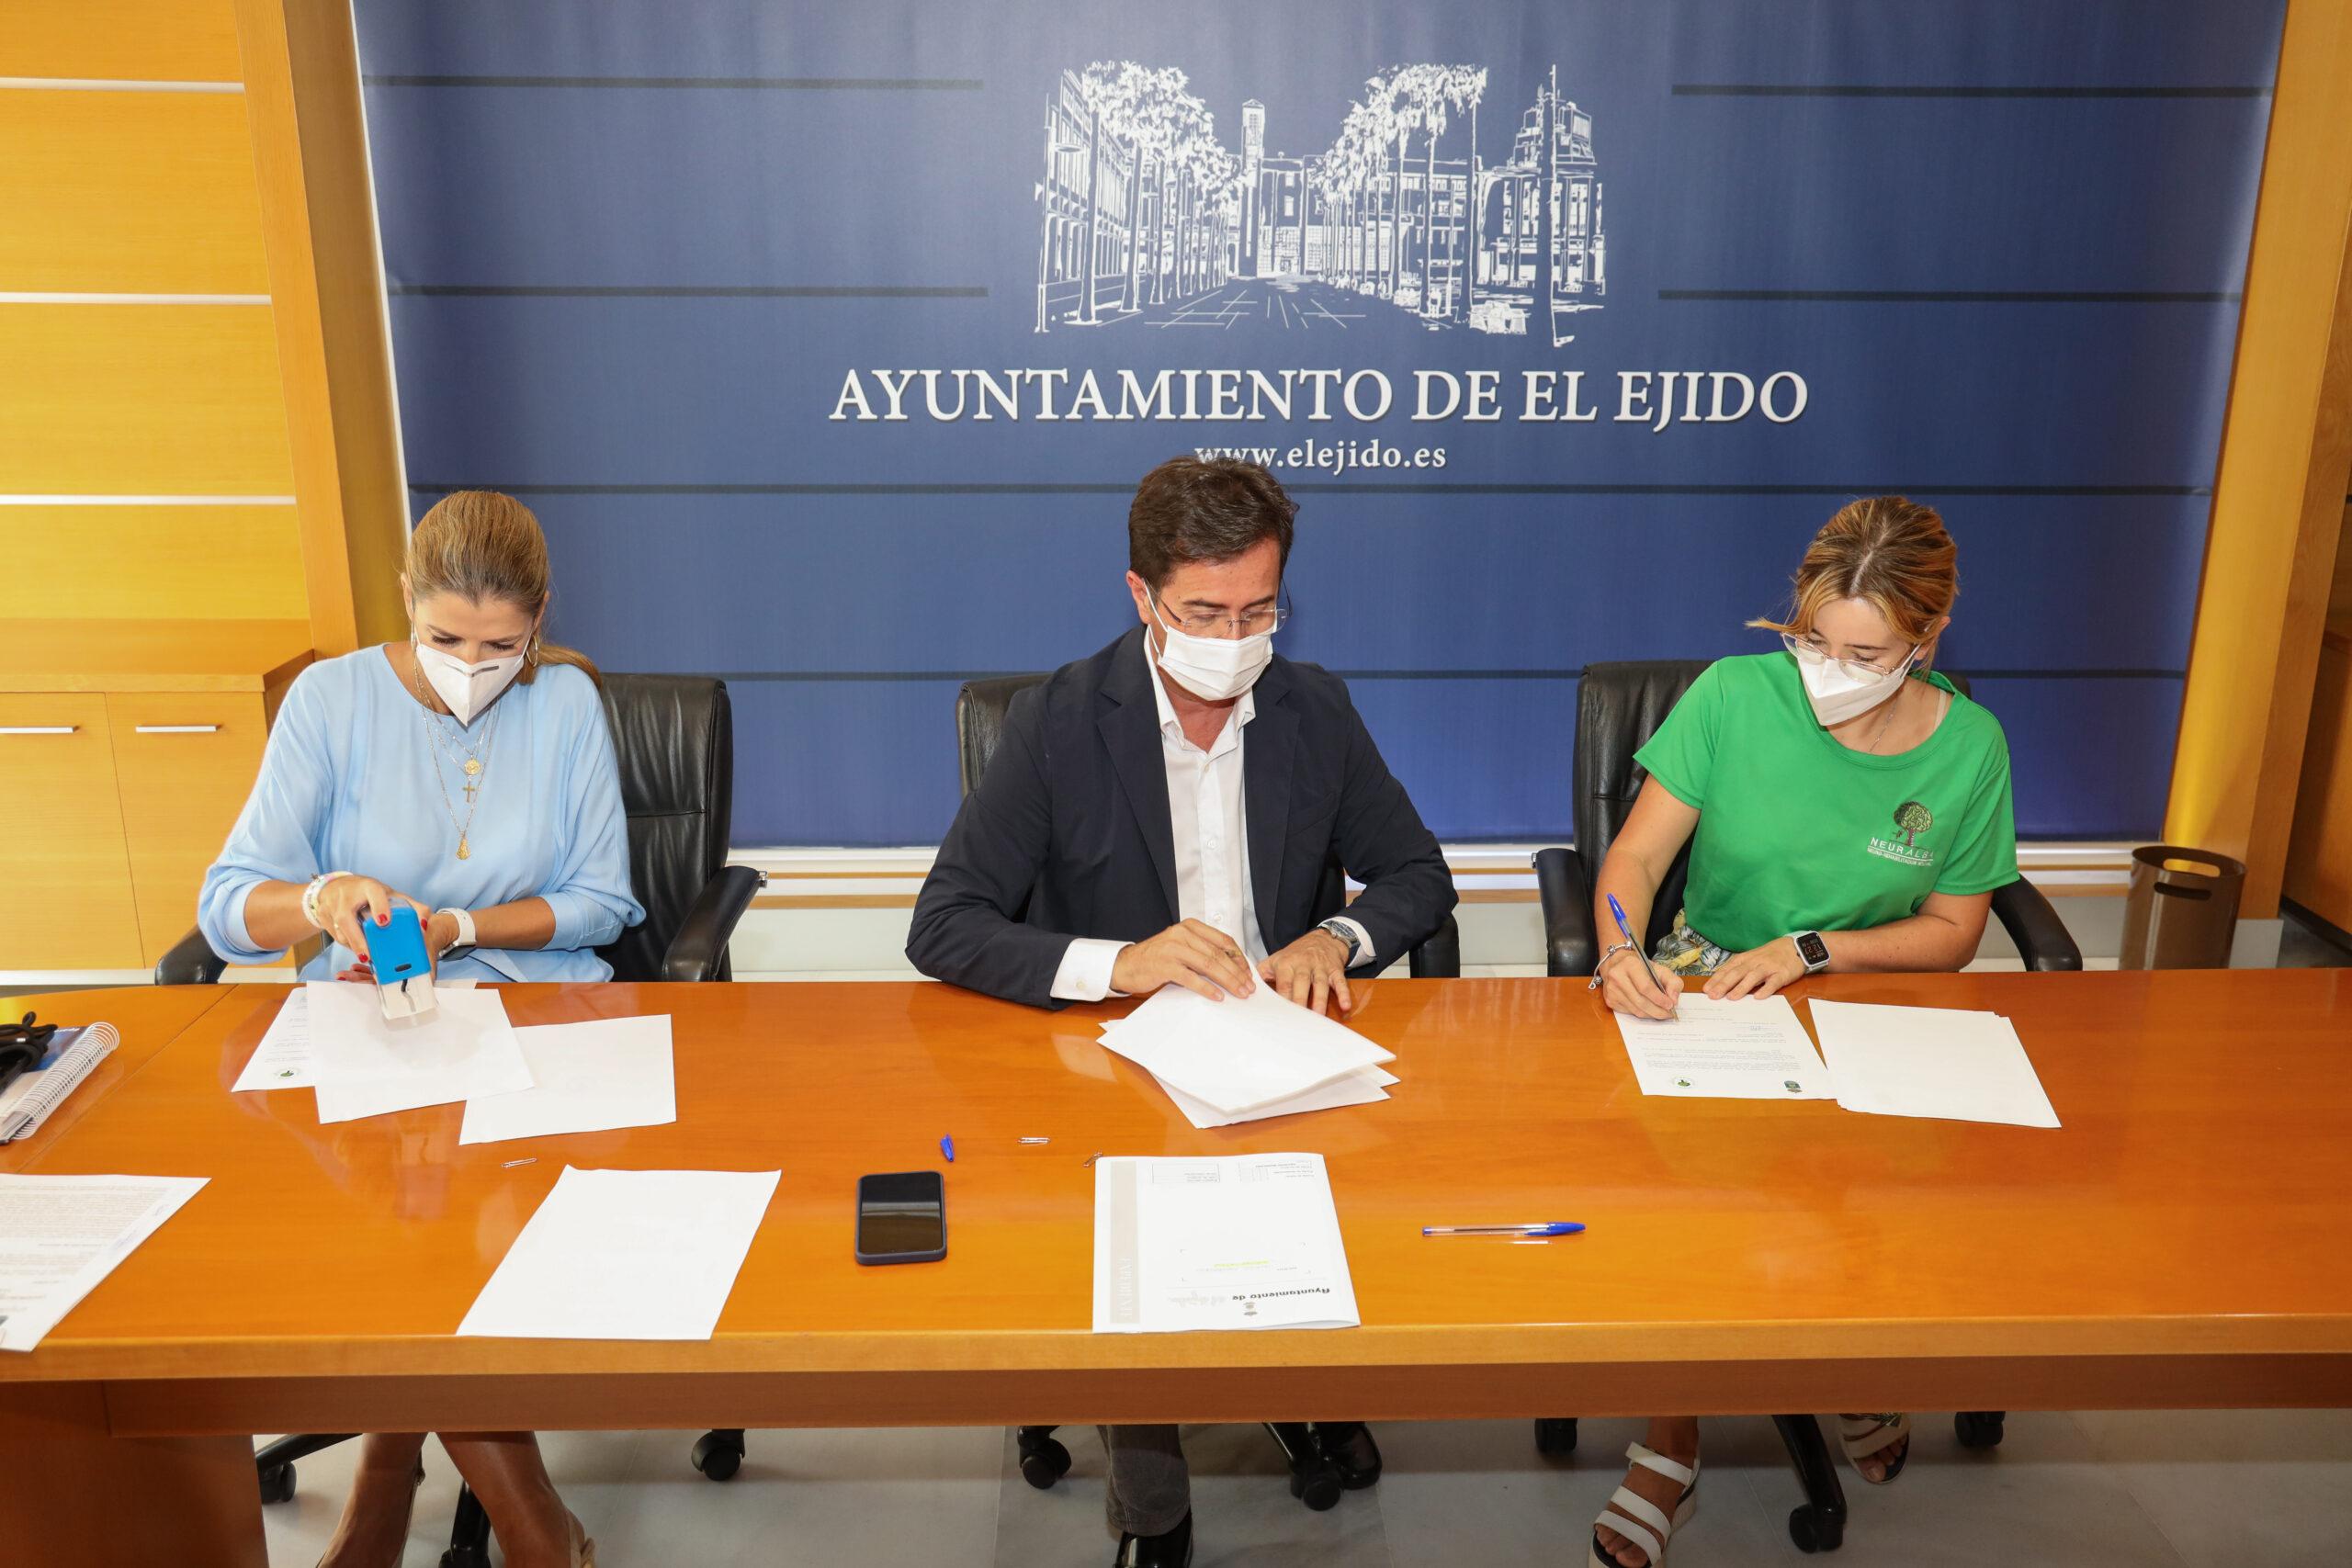 El Ayuntamiento de El Ejido firma convenios de colaboración con 'Soy Especial y Qué' y 'Neuralba Contigo' que permitirán el asesoramiento psicológico y jurídico, además de apoyo en comunicación